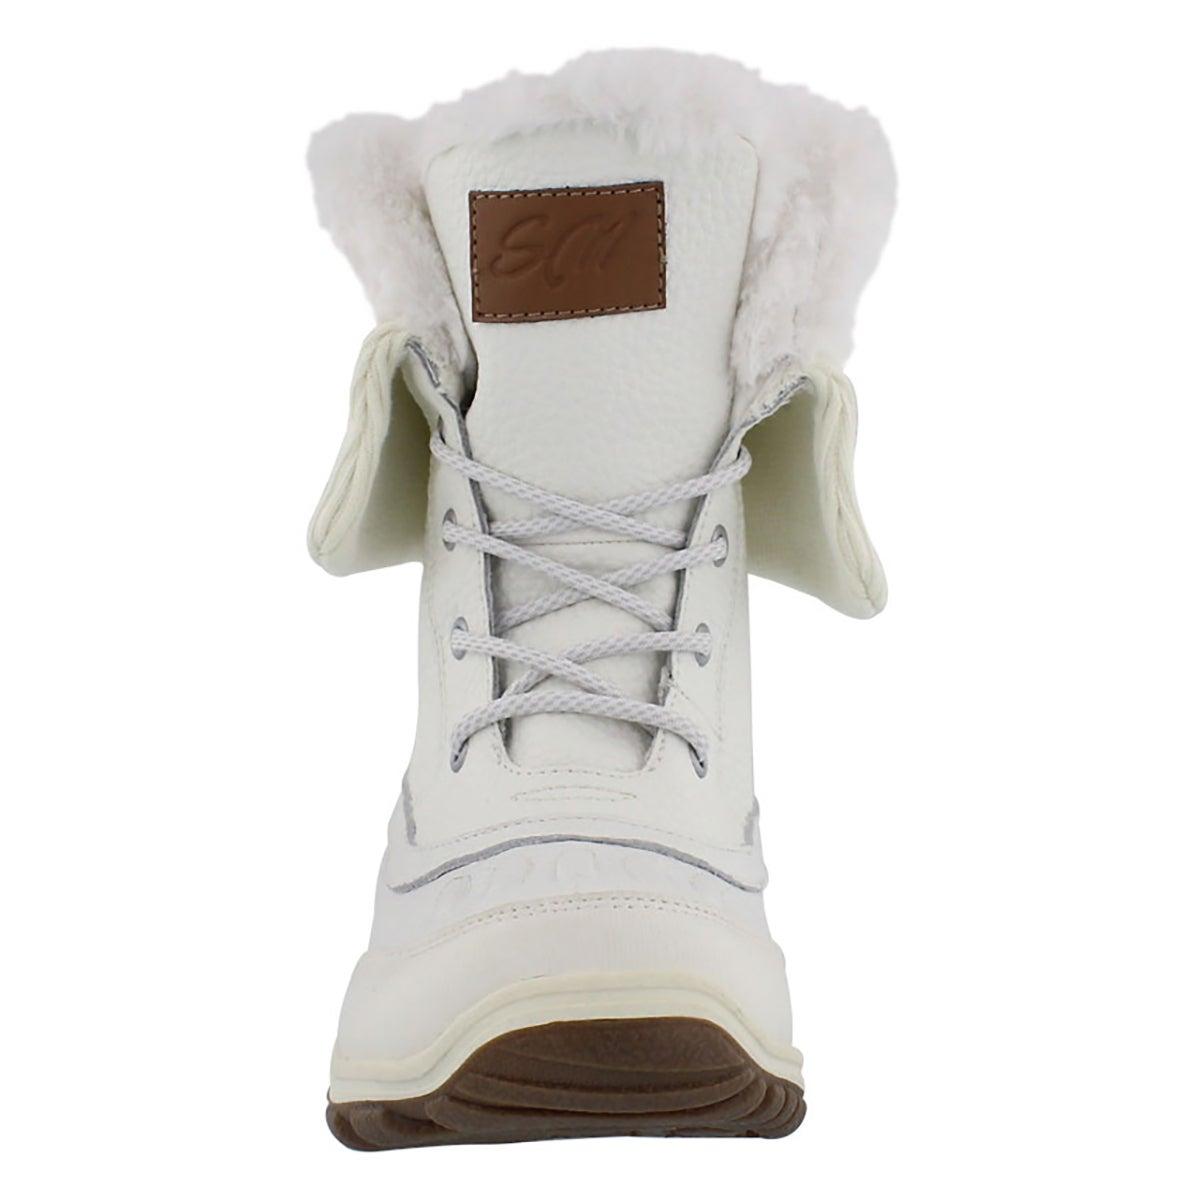 Lds Damica white w/p foldover cuff